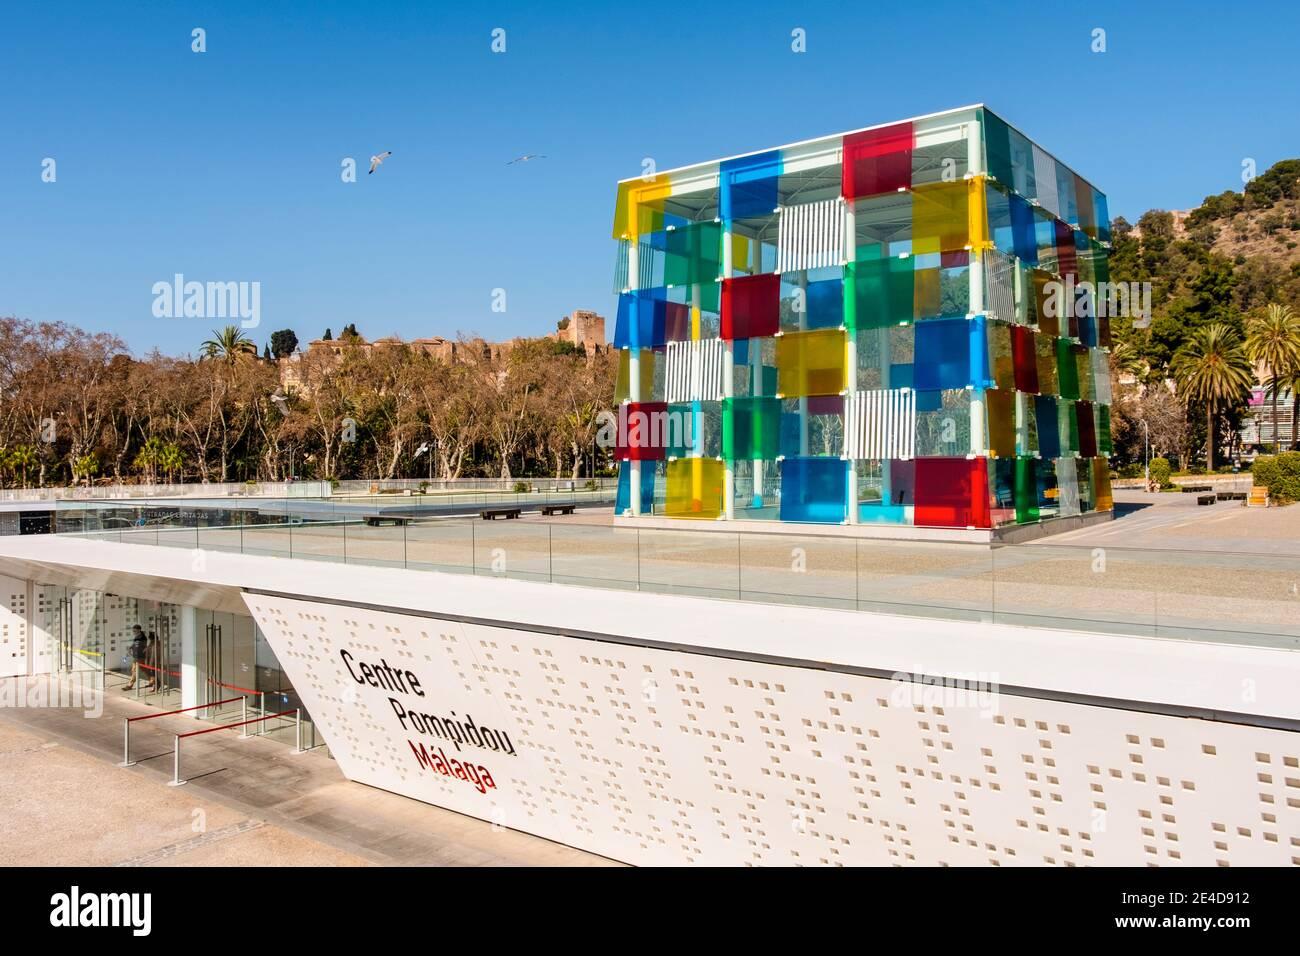 Centre Pompidou Museum Art Centre, Muelle Uno. Seaside promenade at port, Malaga city. Costa del Sol, Andalusia. Southern Spain Europe Stock Photo